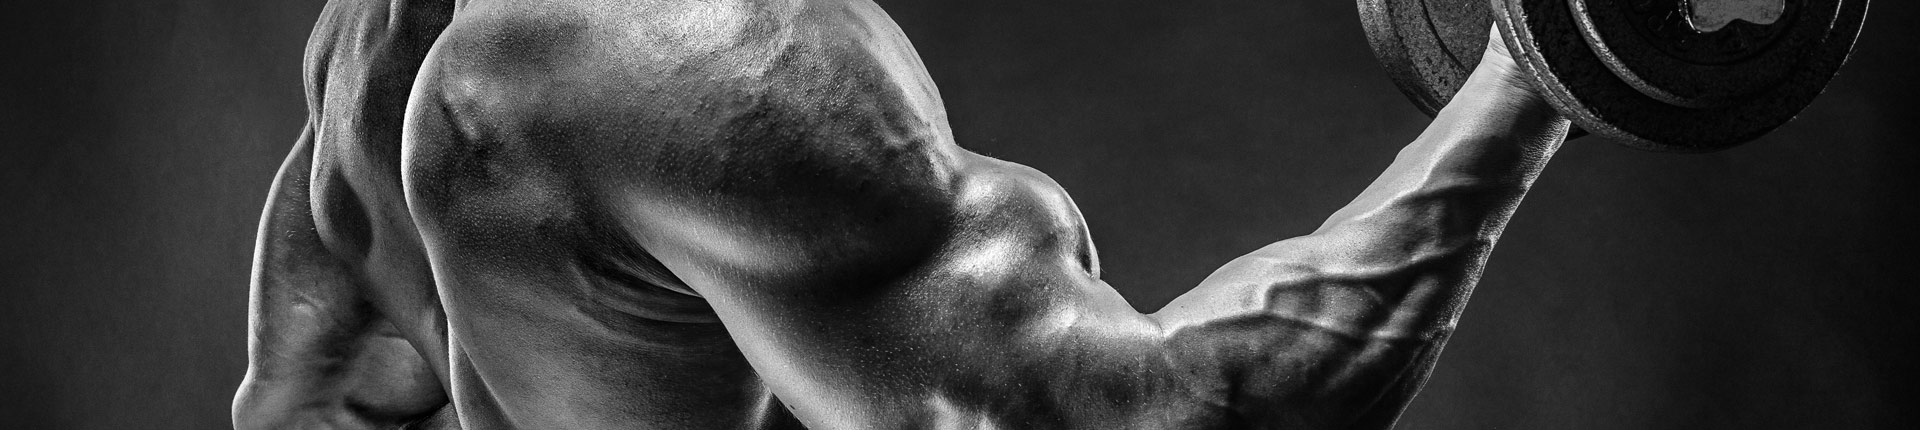 3 sposoby na poprawę pompy mięśniowej